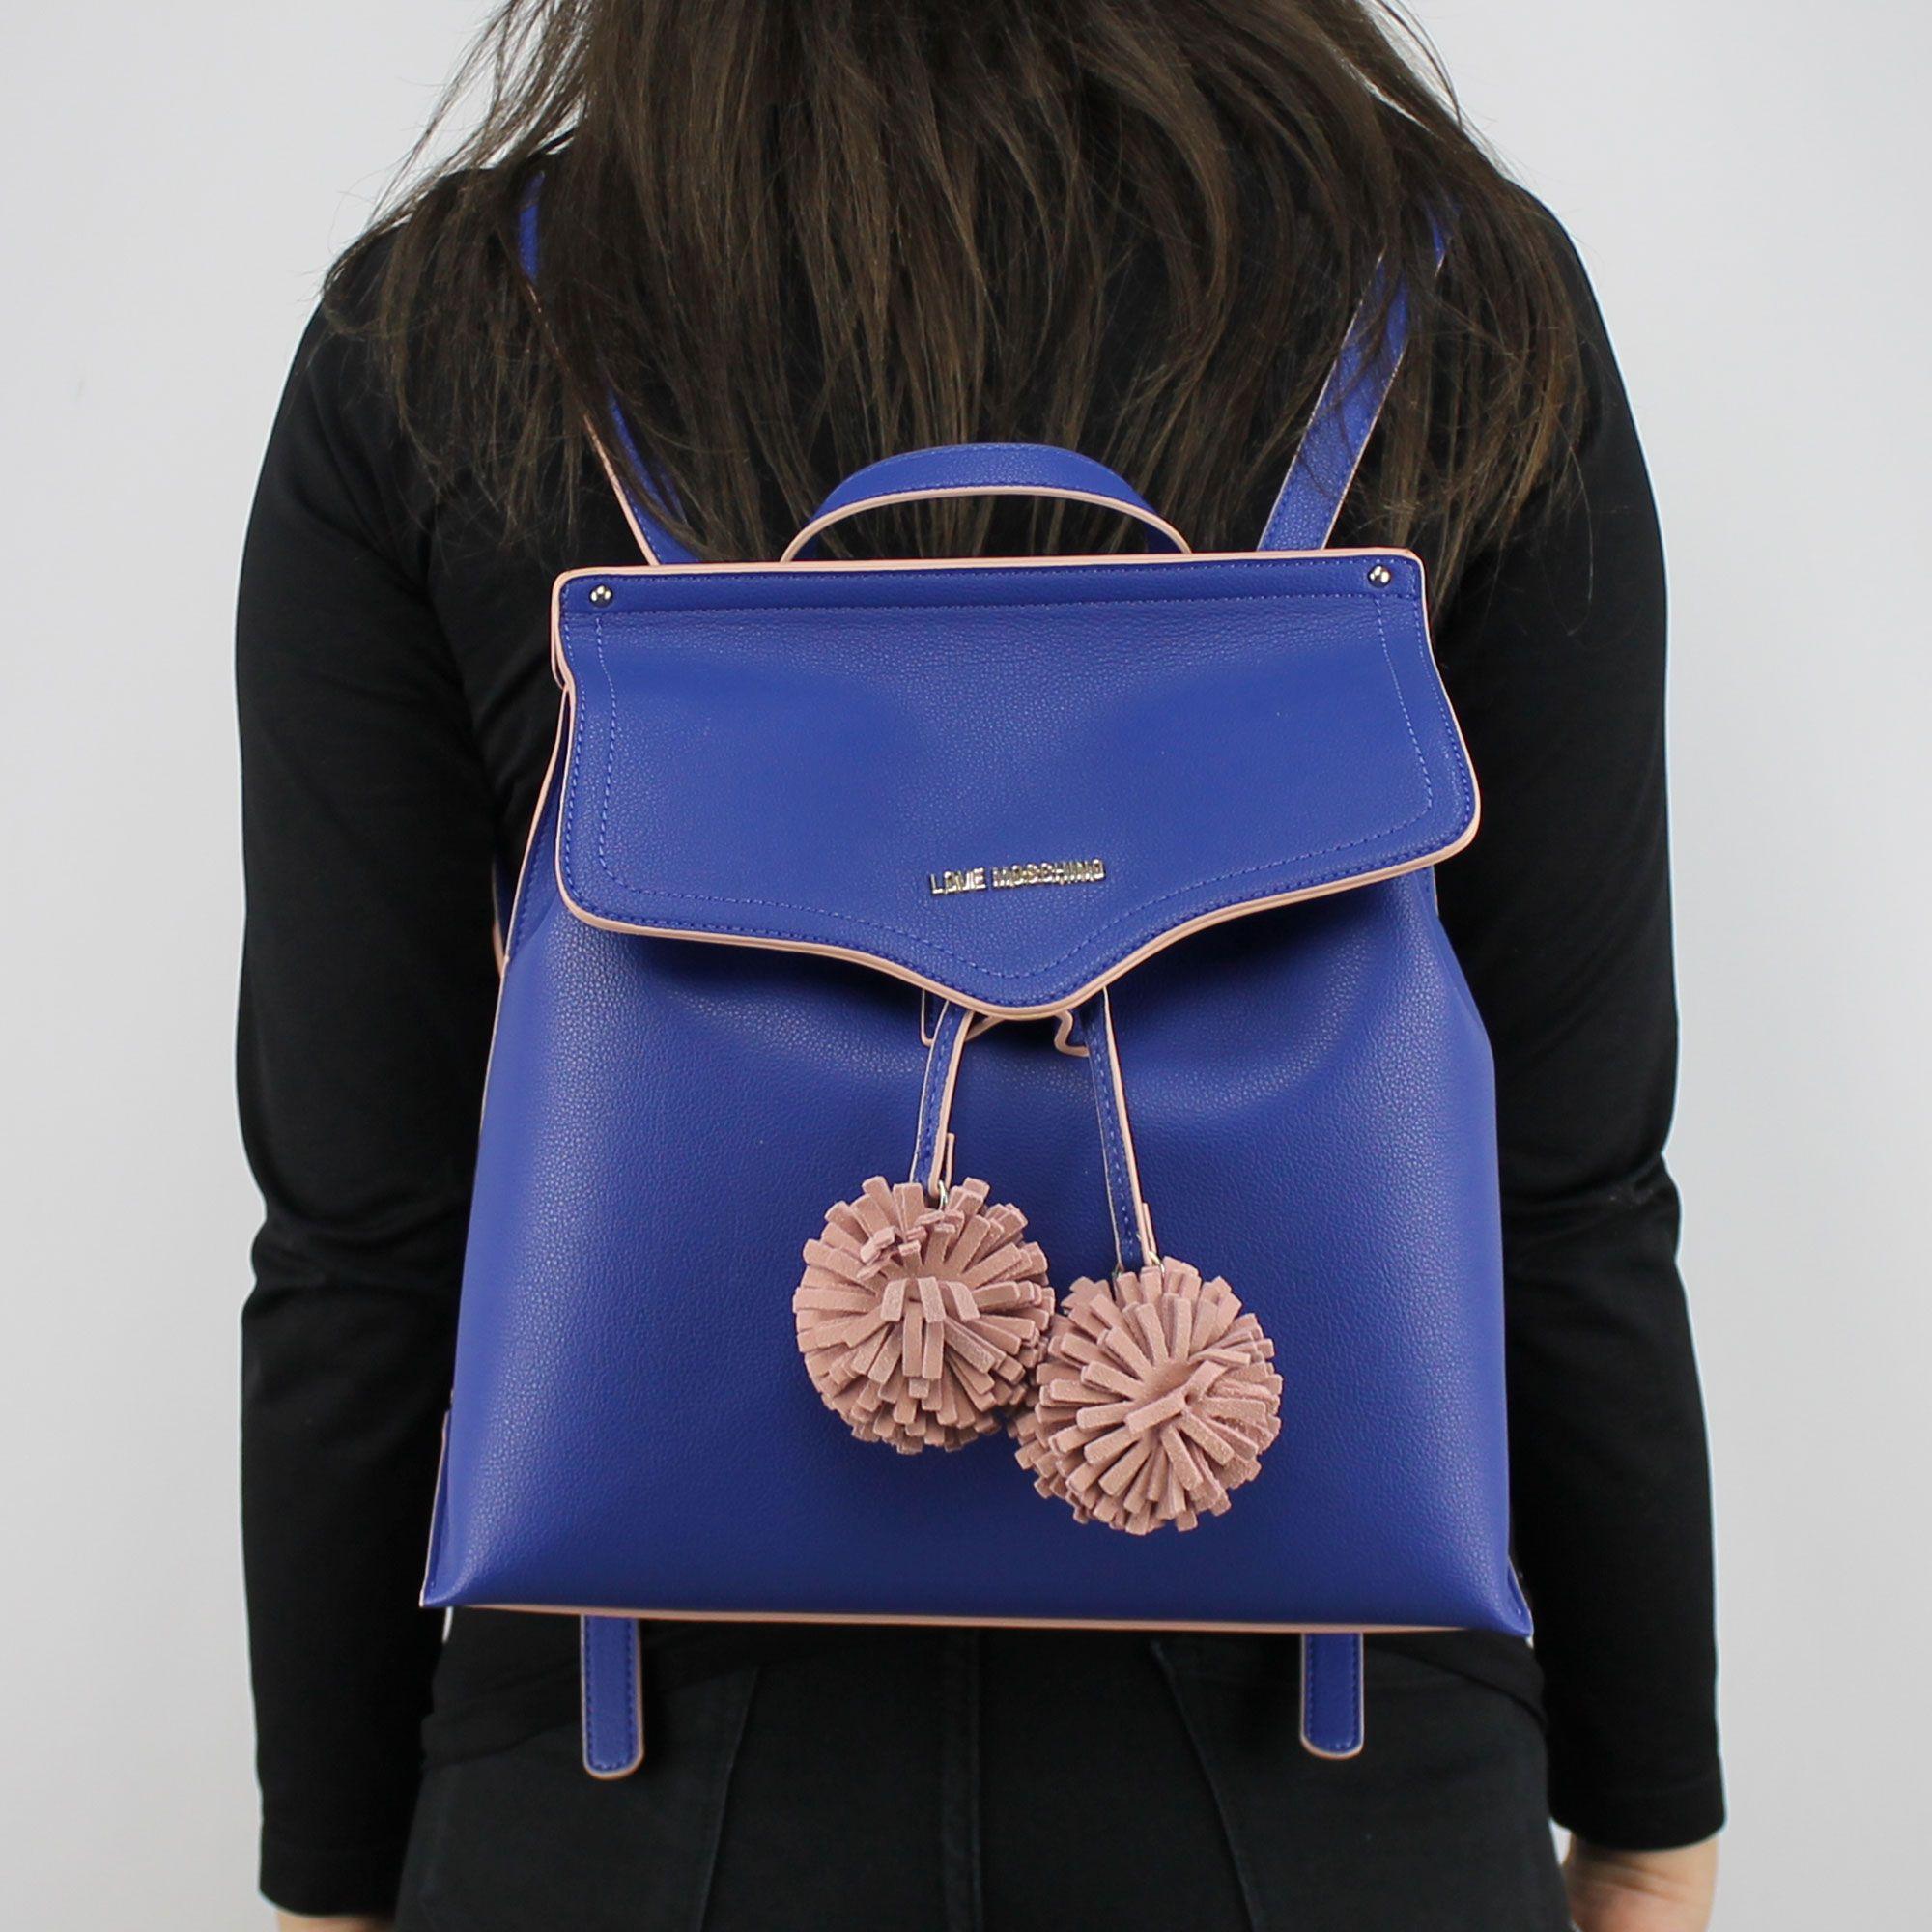 prix le plus bas 3abb9 756f9 Sac à dos de la marque Love Moschino bleu avec pompons rose JC4084PP15LJ0750